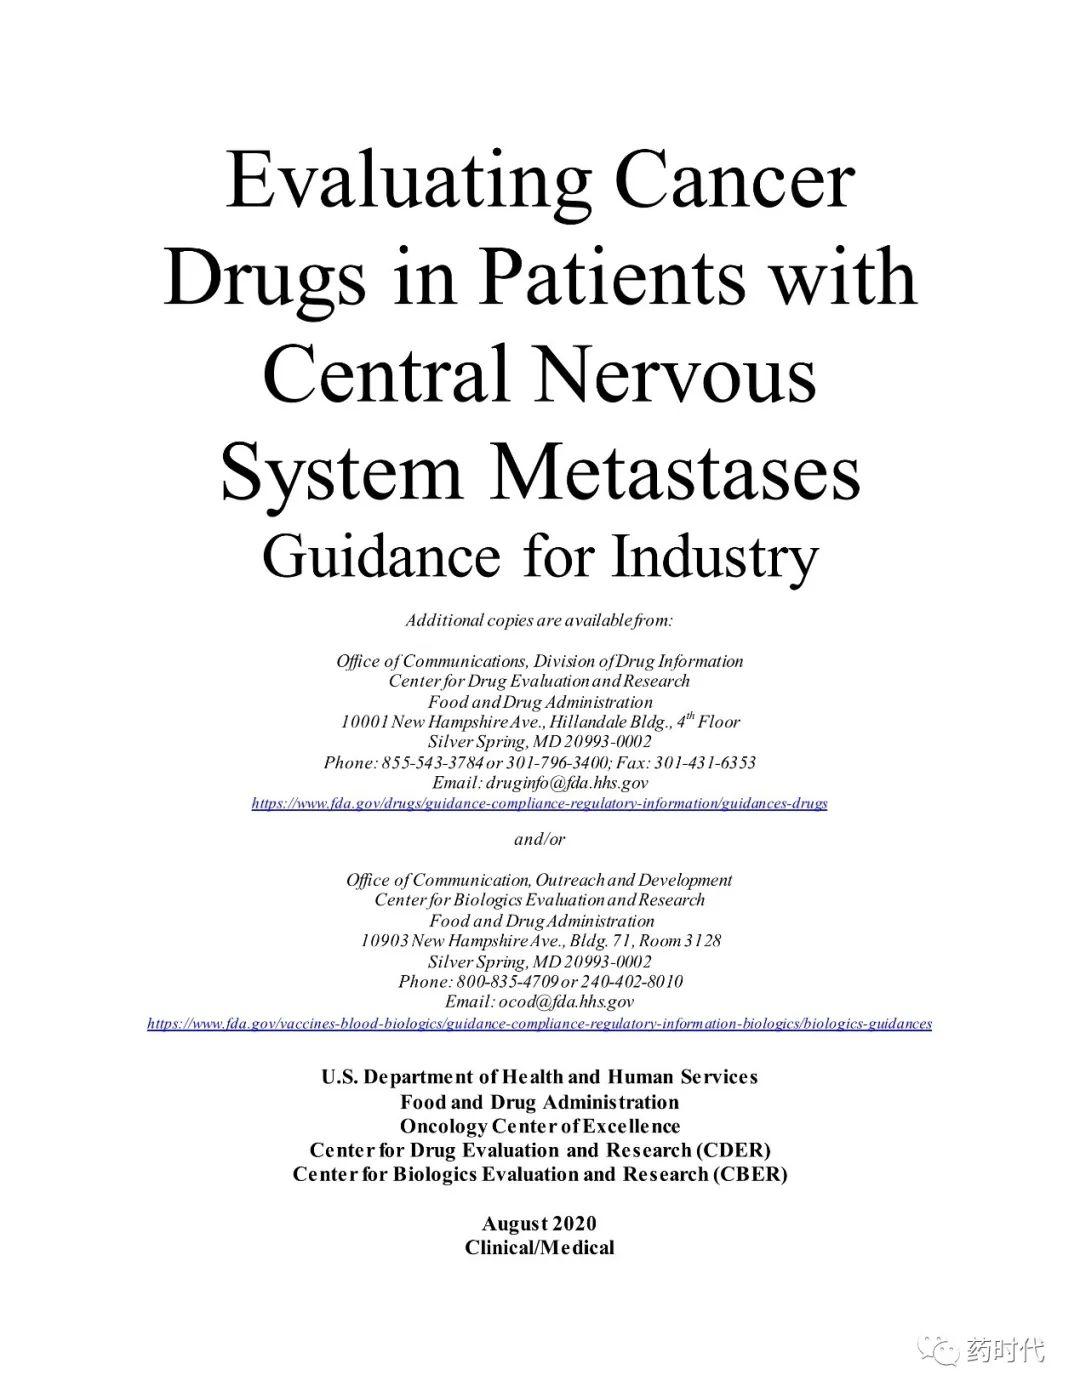 FDA起草中枢神经系统转移的癌症患者抗肿瘤药物指南